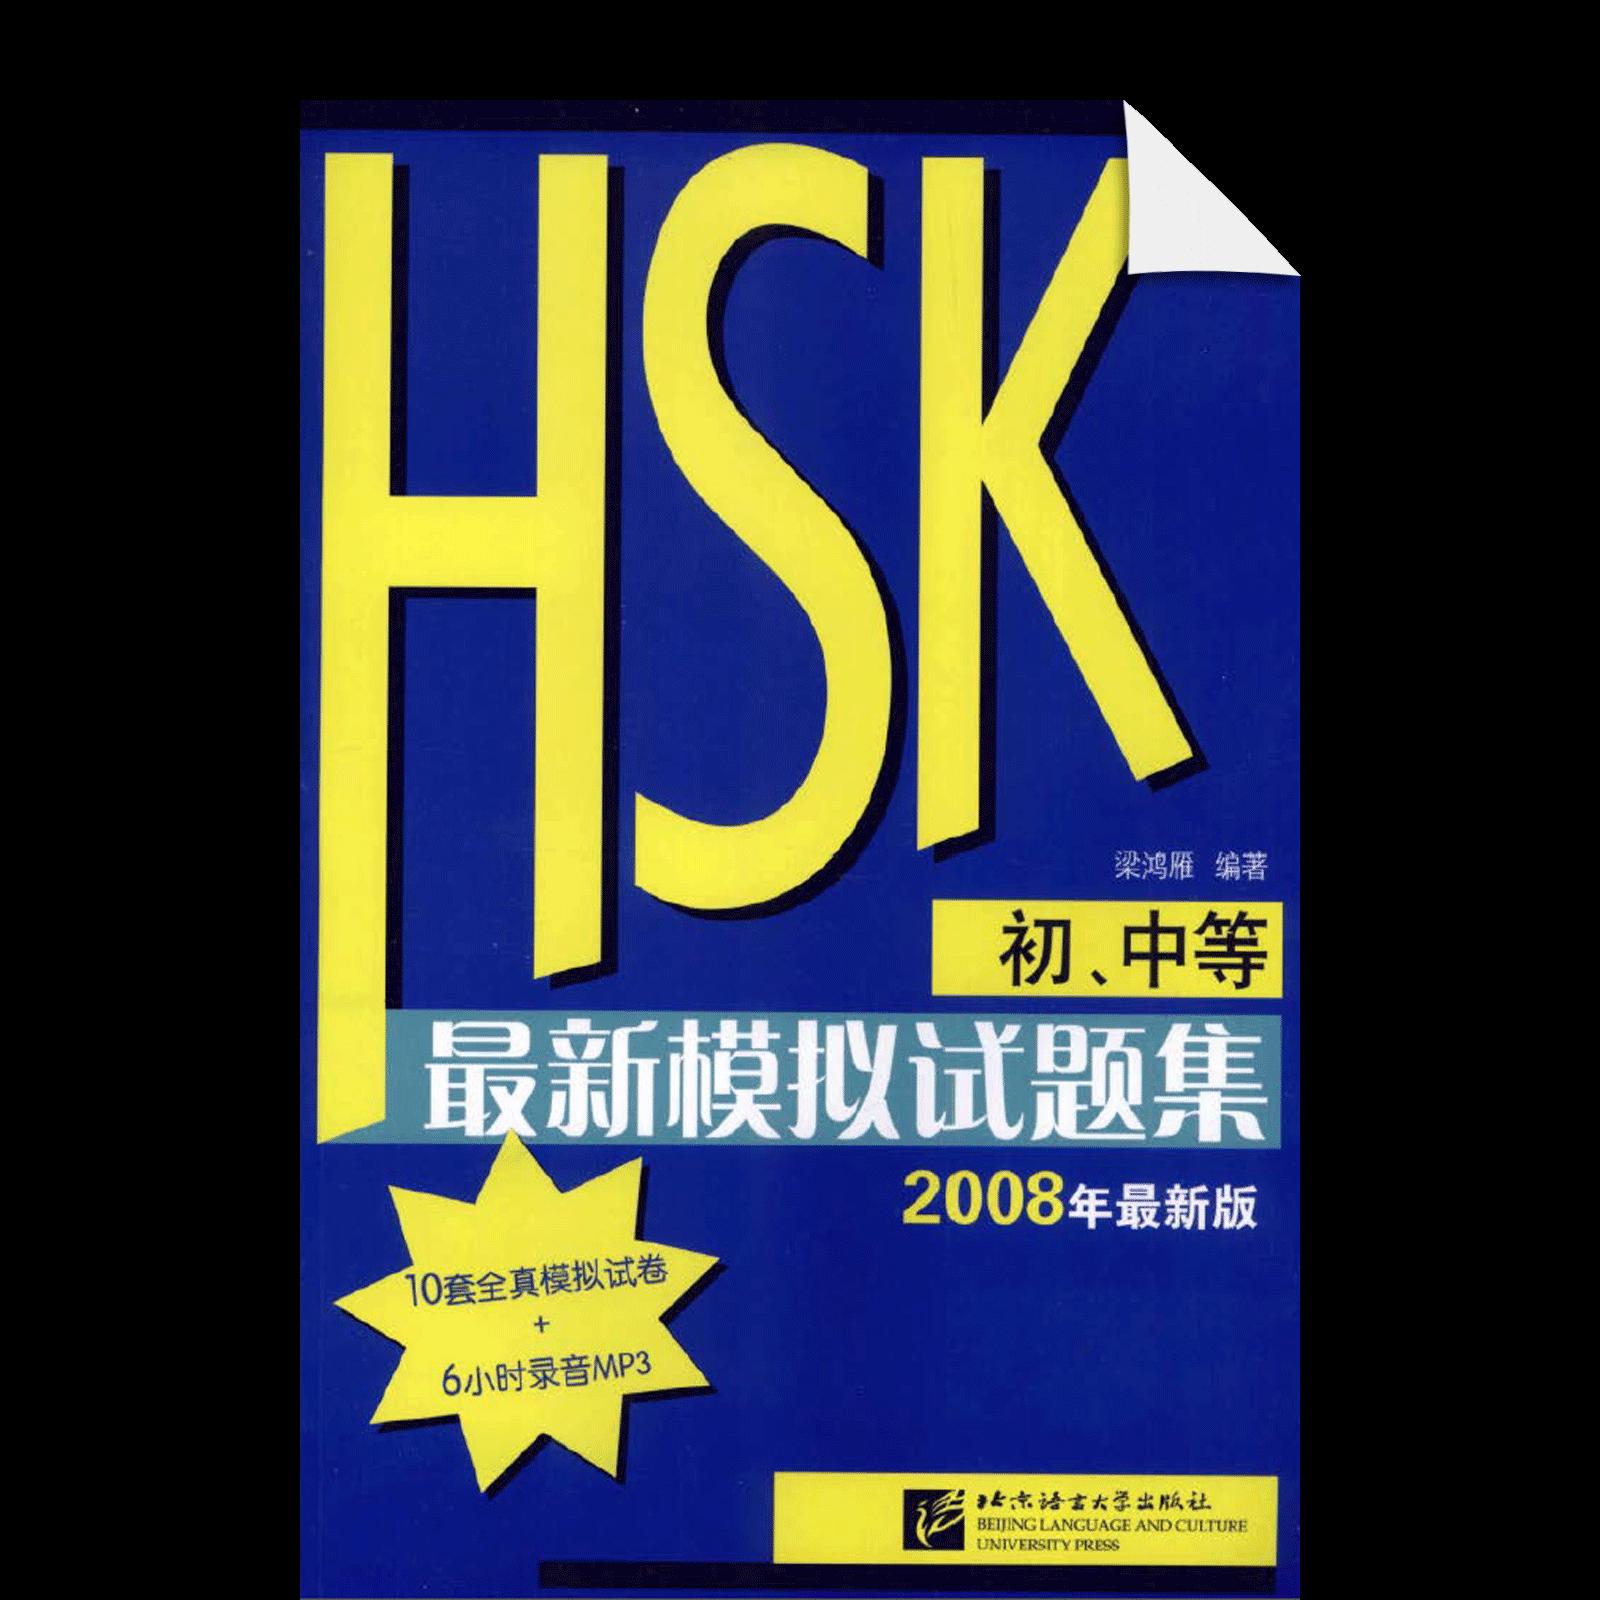 HSK Chuzhongdeng Zuixin Moni Shitiji